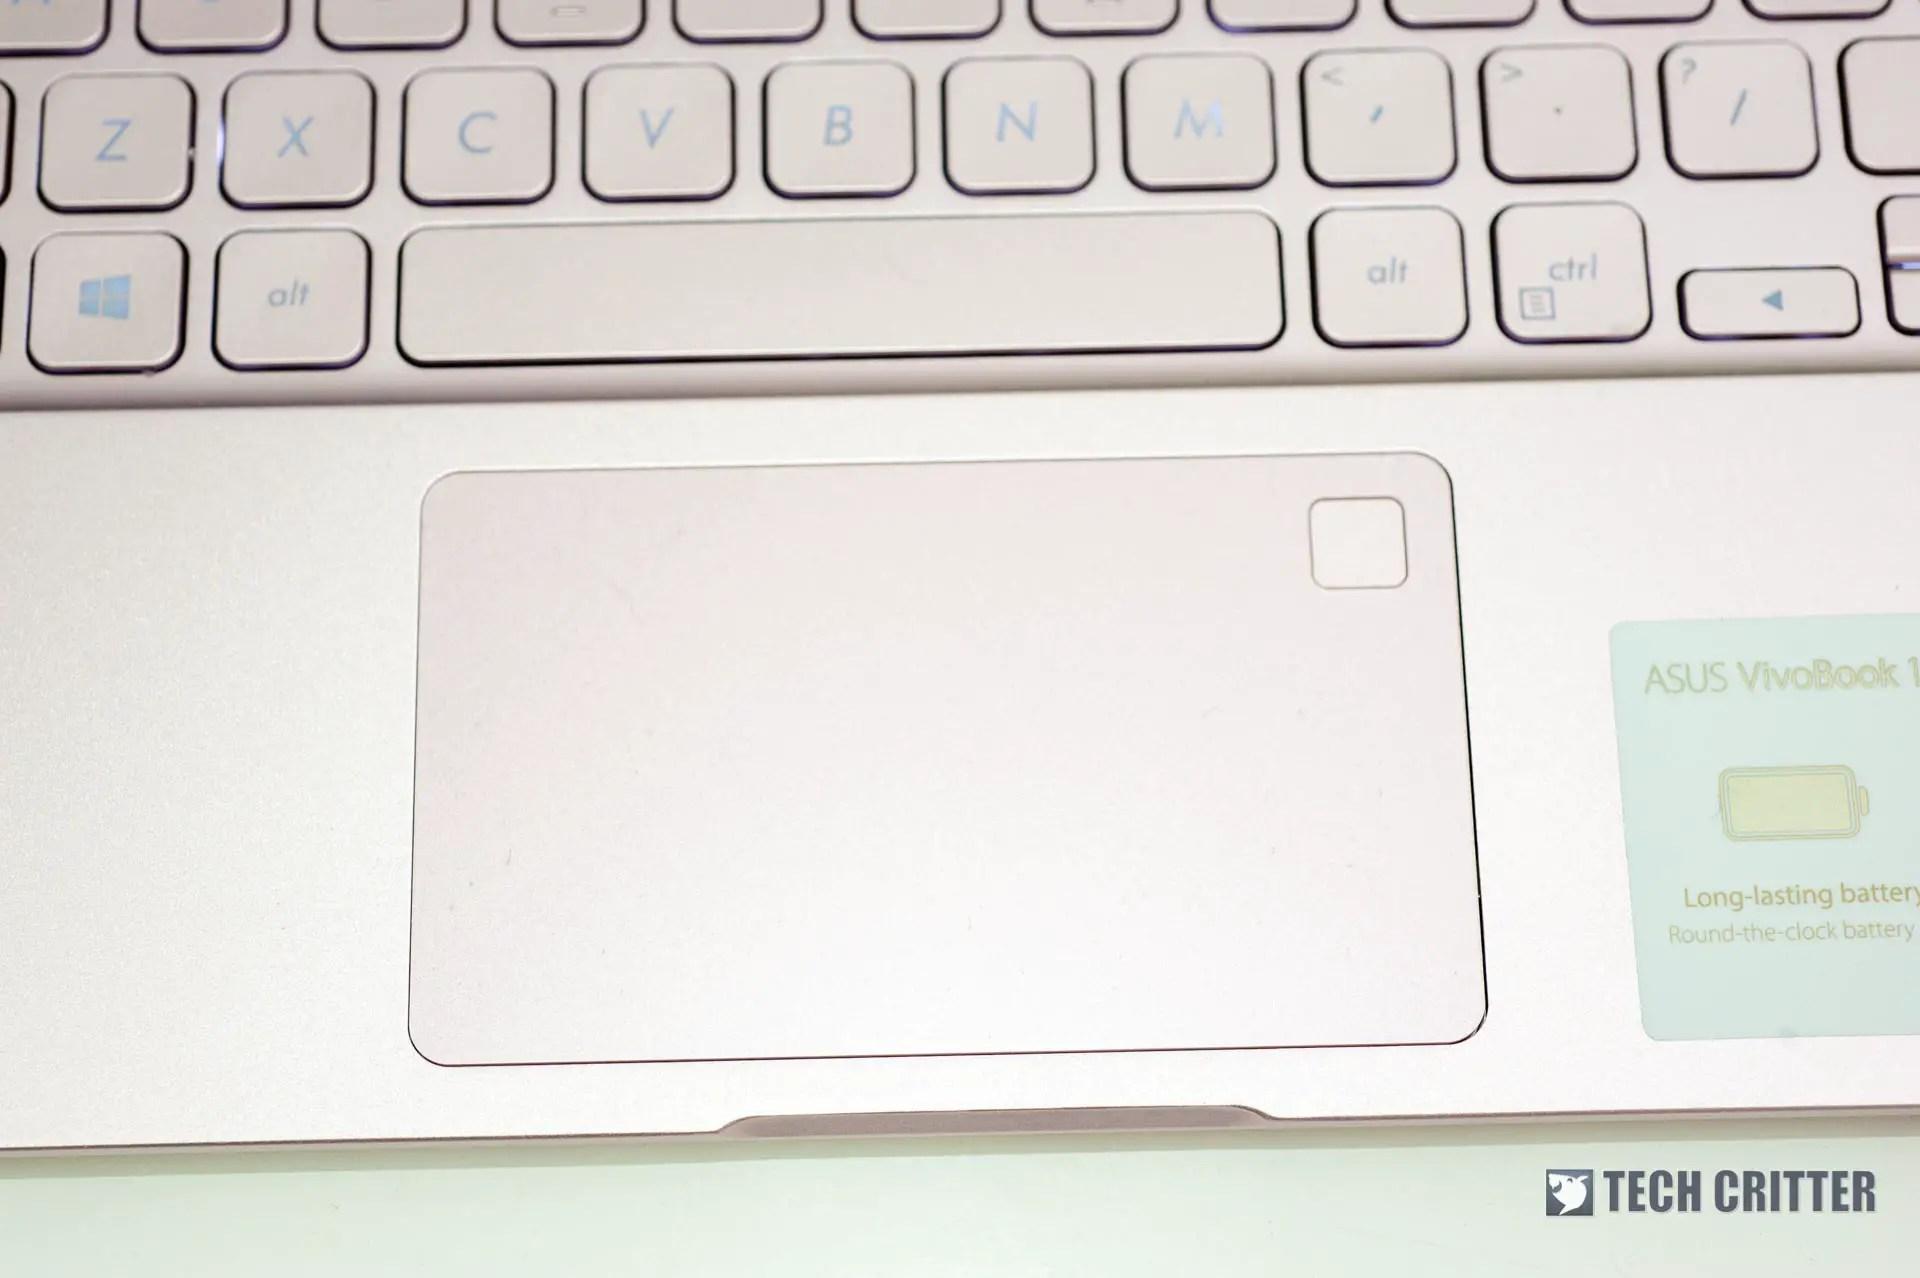 Review - ASUS VivoBook K403